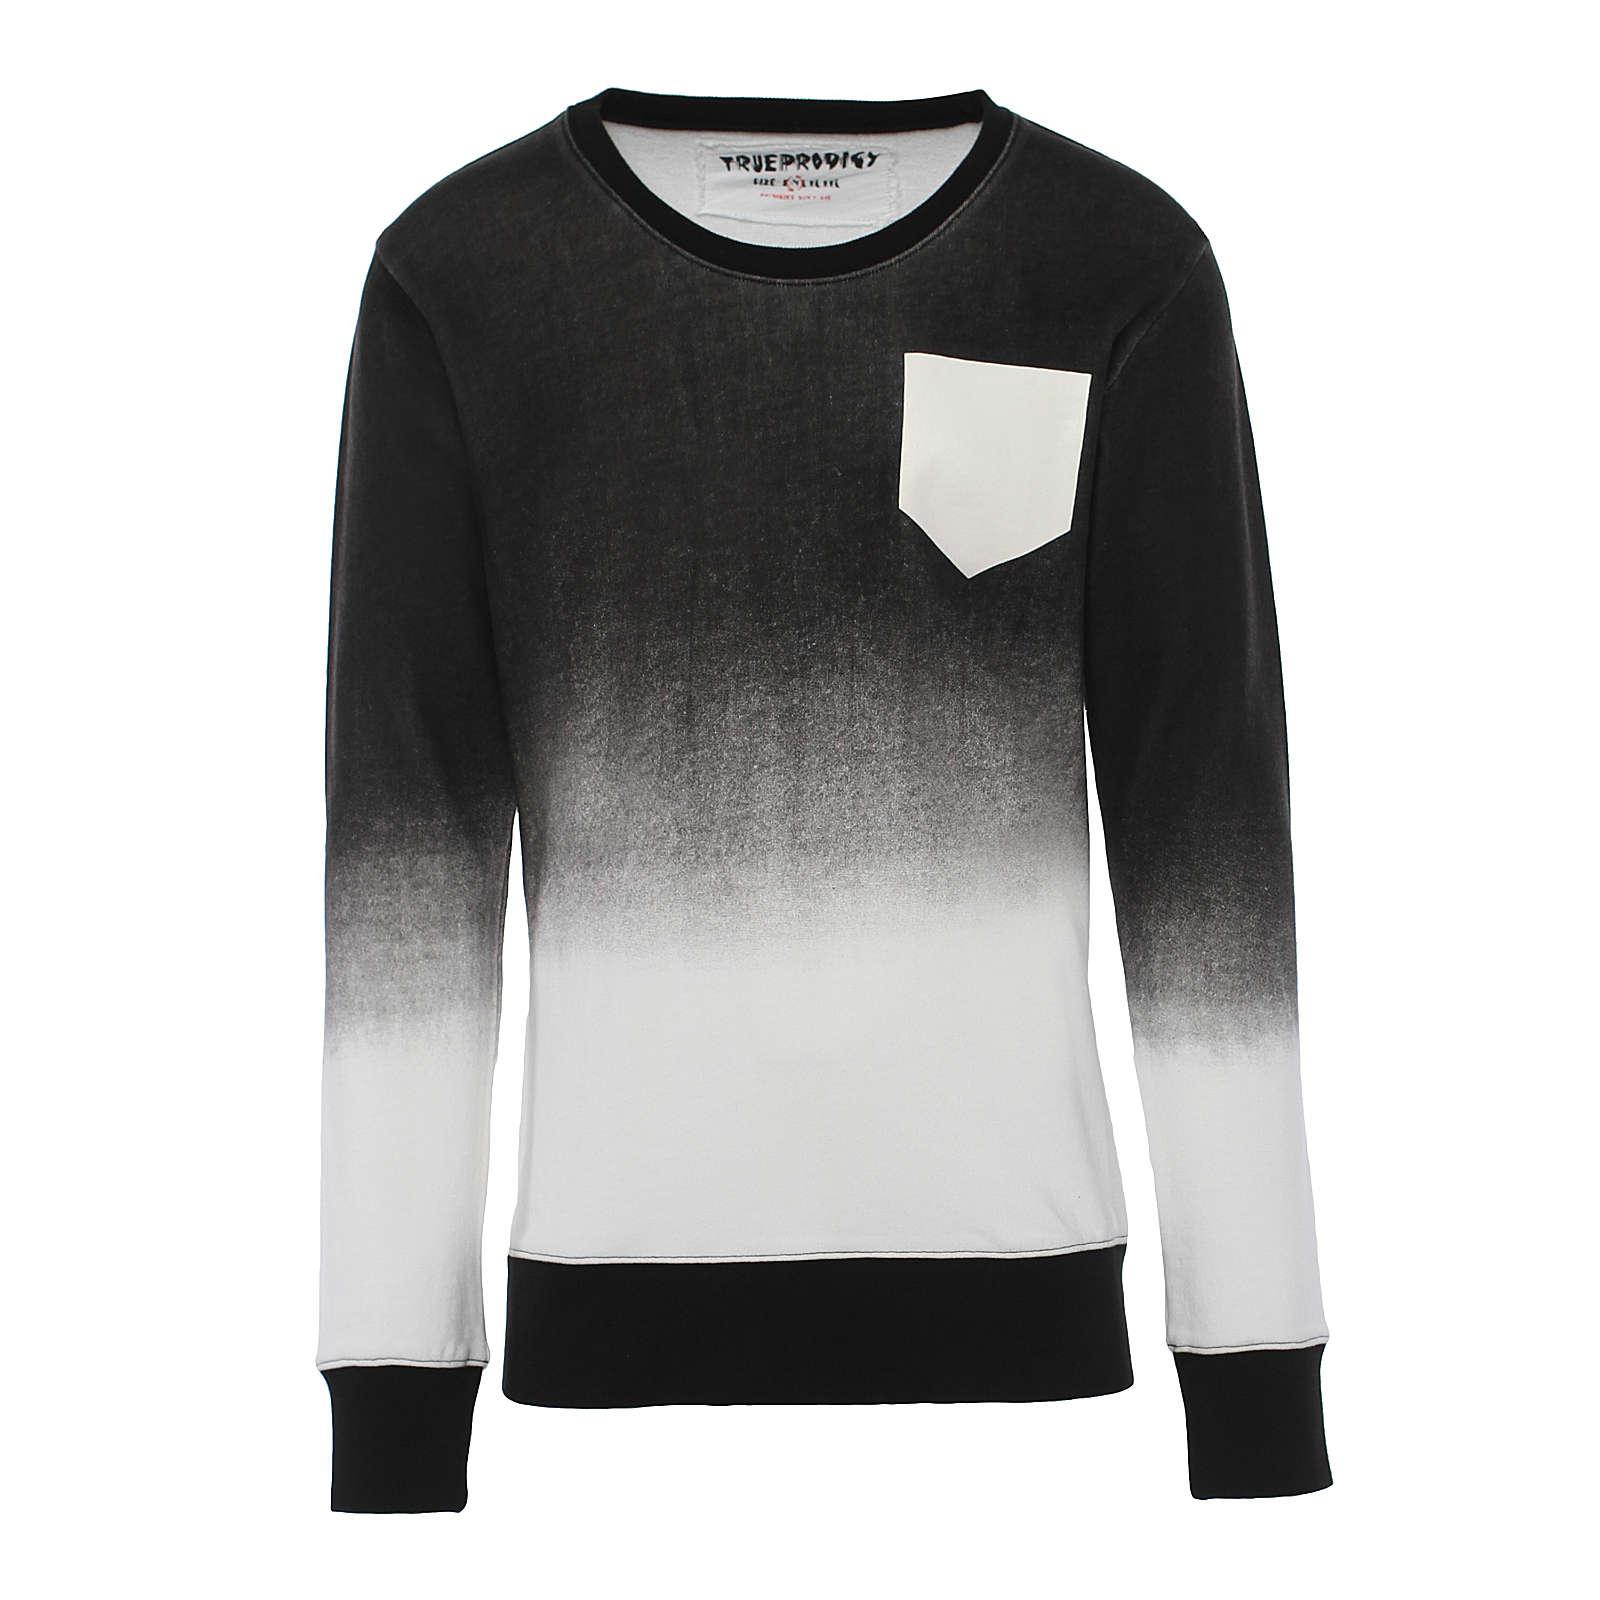 trueprodigy® Sweatshirt Gomorrah in angesagtem Streifendesign schwarz/weiß Herren Gr. 54